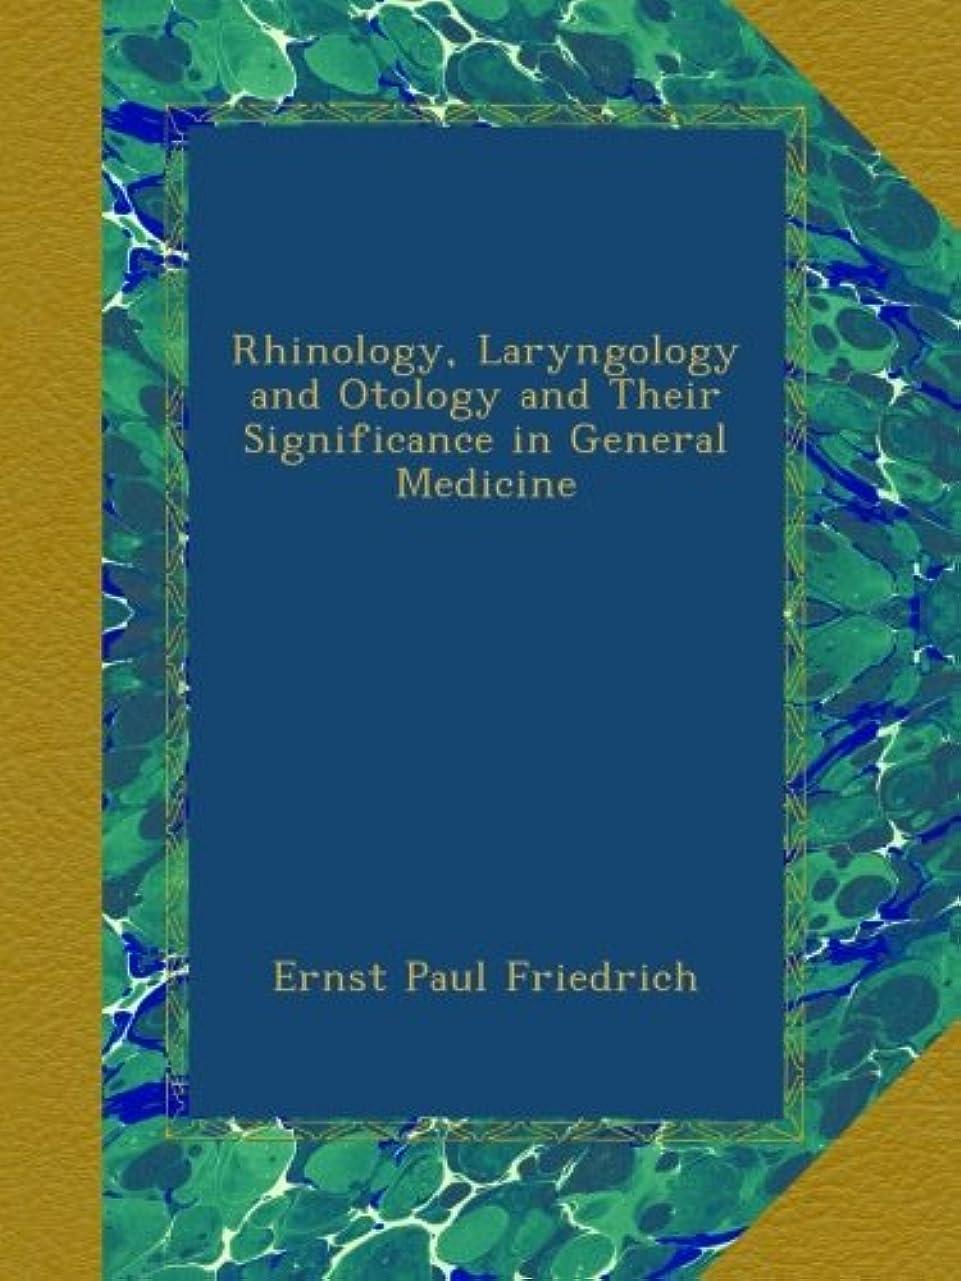 協力する剥ぎ取る伝染病Rhinology, Laryngology and Otology and Their Significance in General Medicine